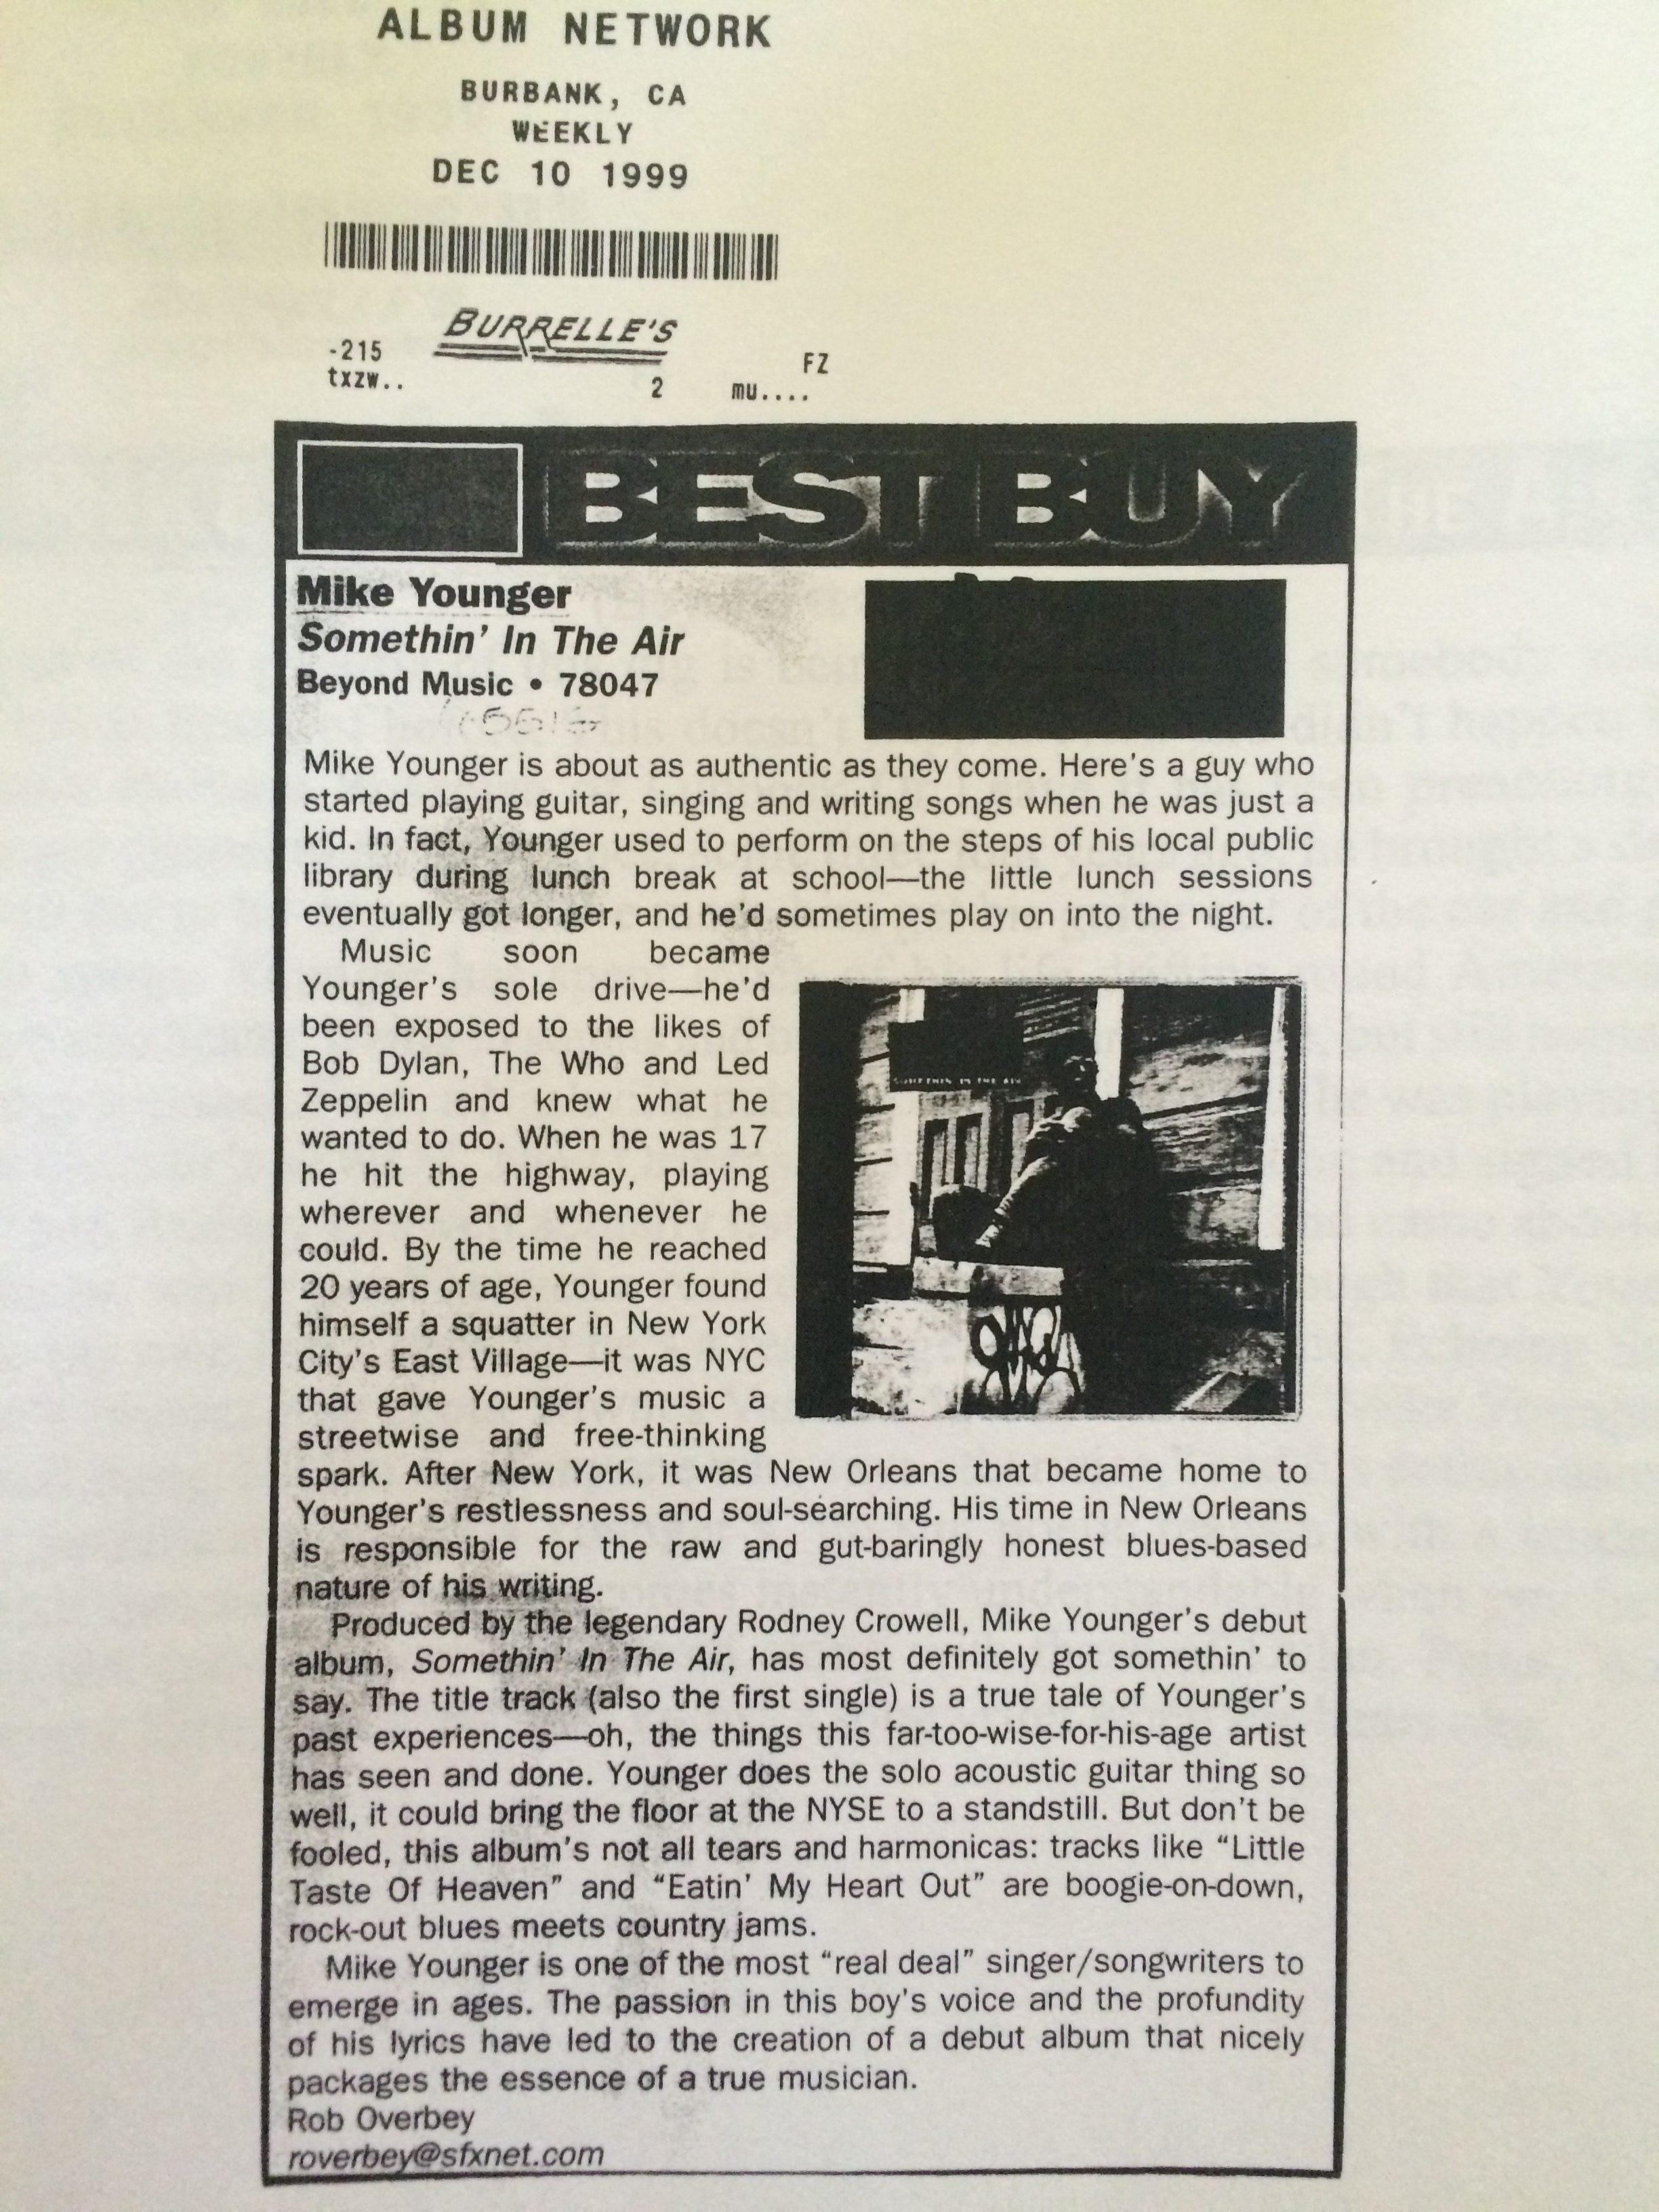 Album Netwrork review 1999